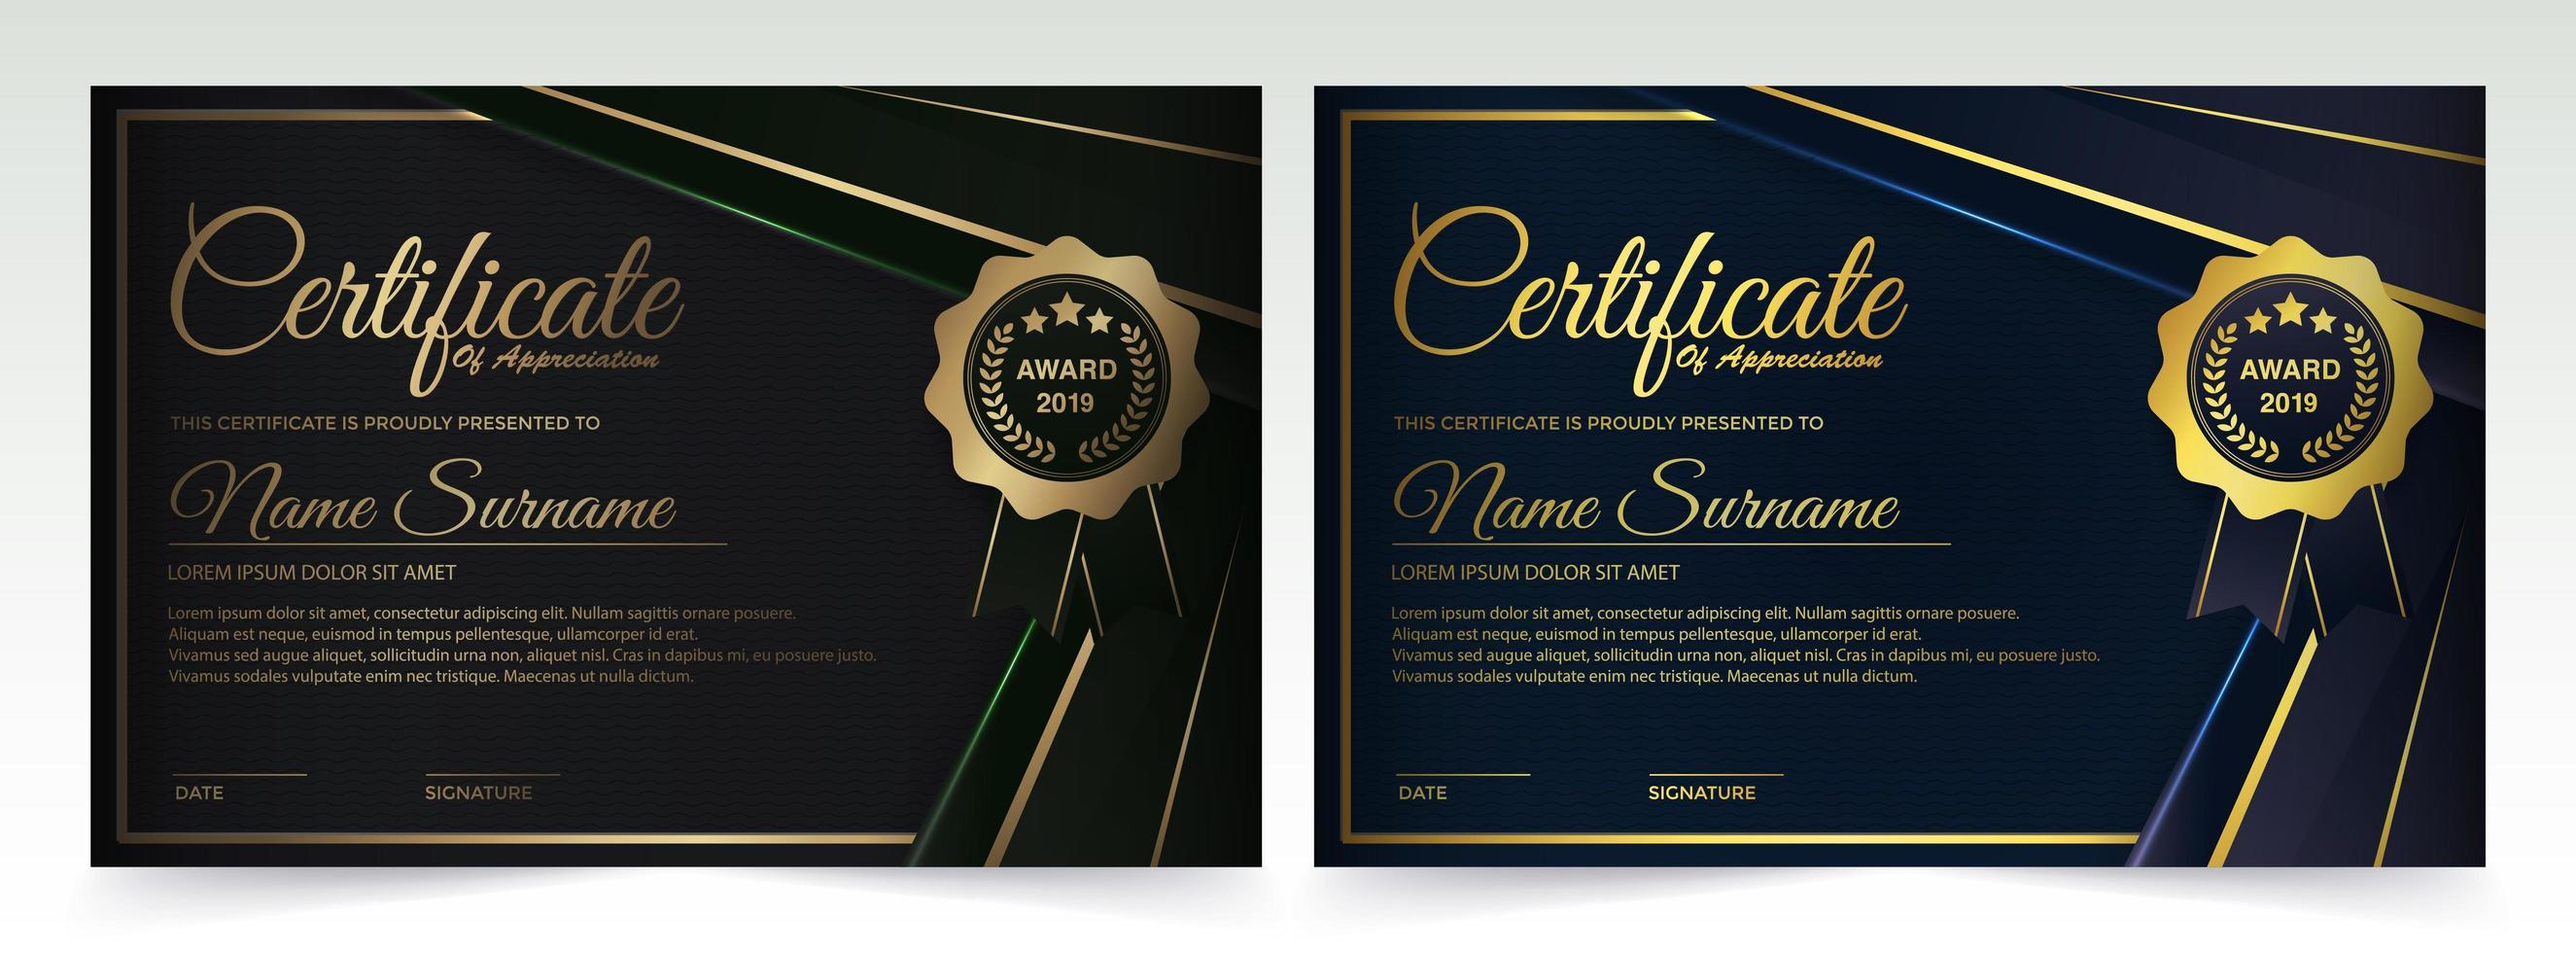 conception de modèle de certificat vert foncé et bleu vecteur